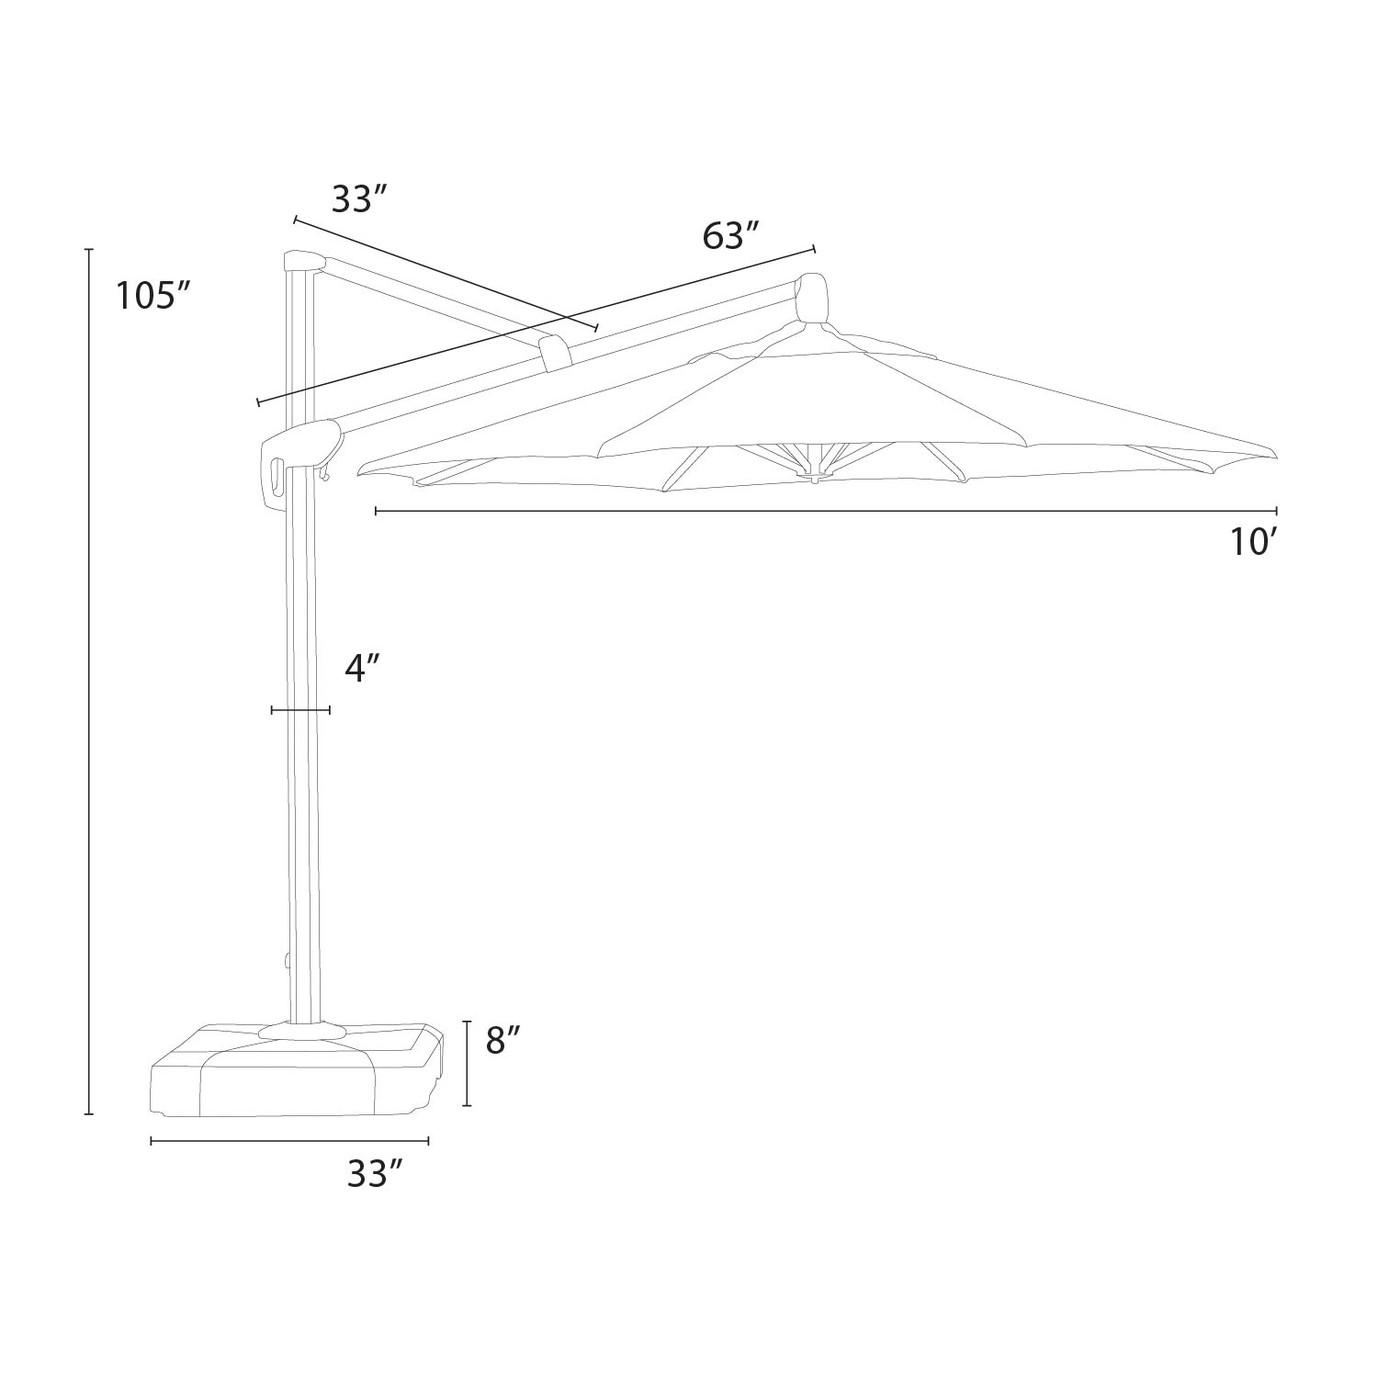 Modular Outdoor 10' Round Umbrella - Gingko Green